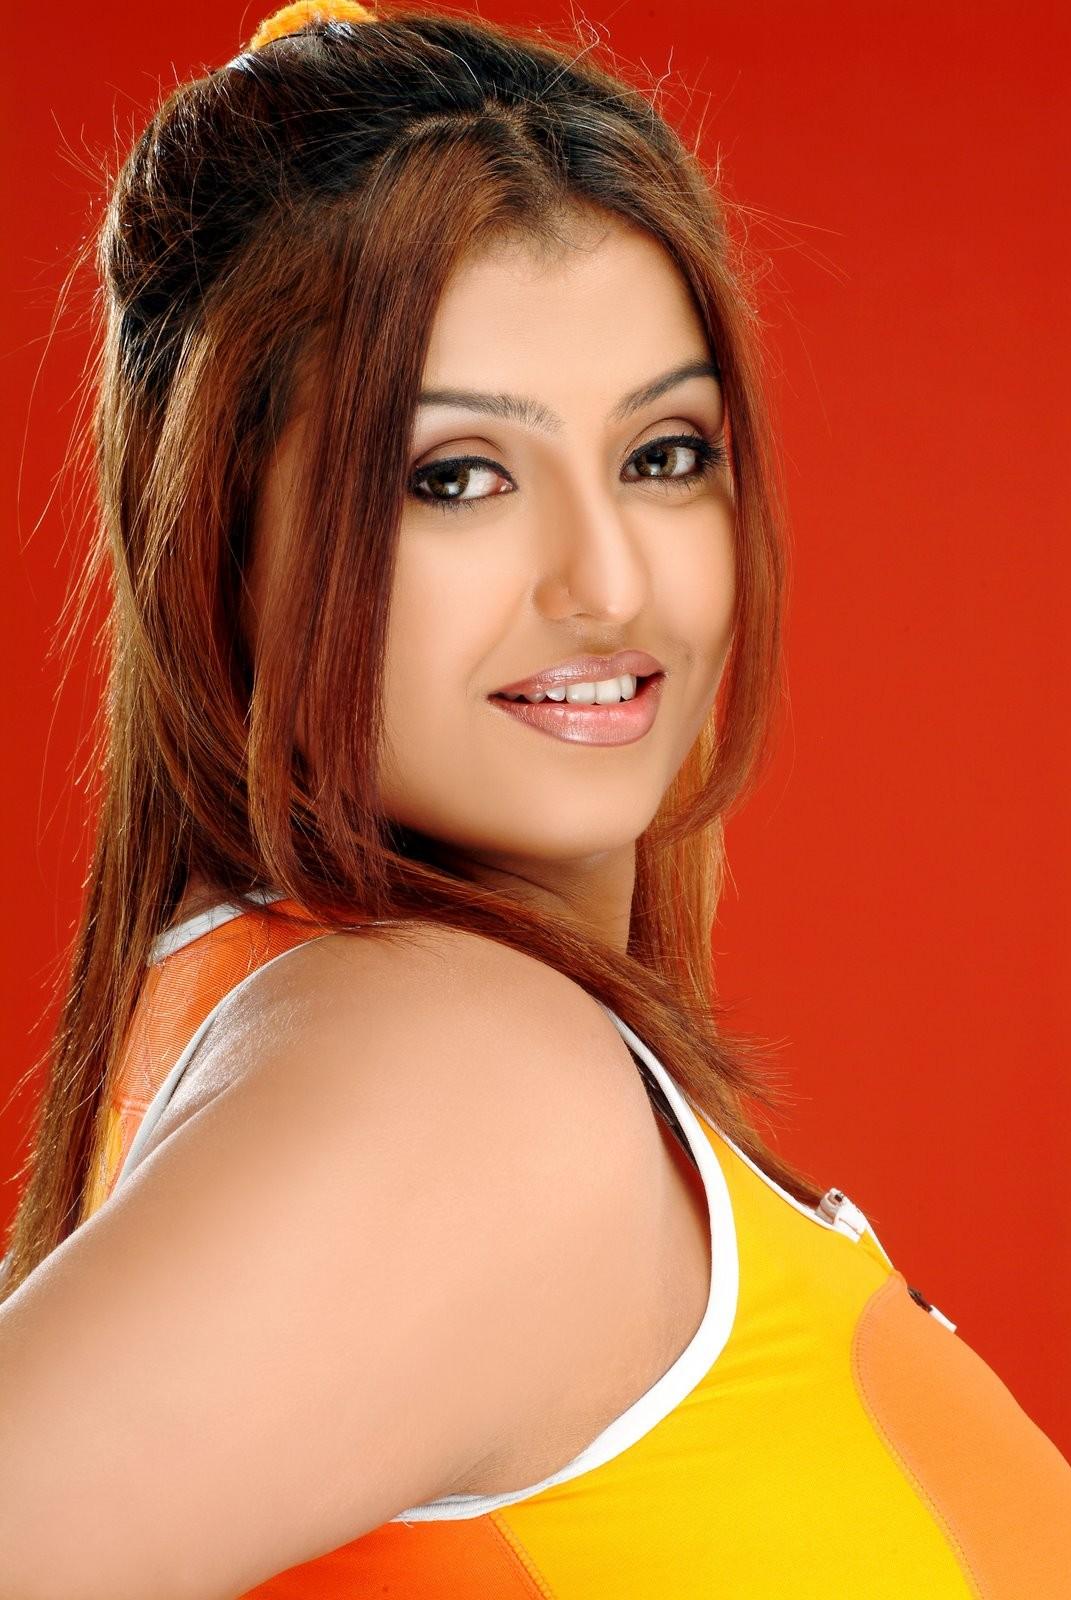 hot actress pics